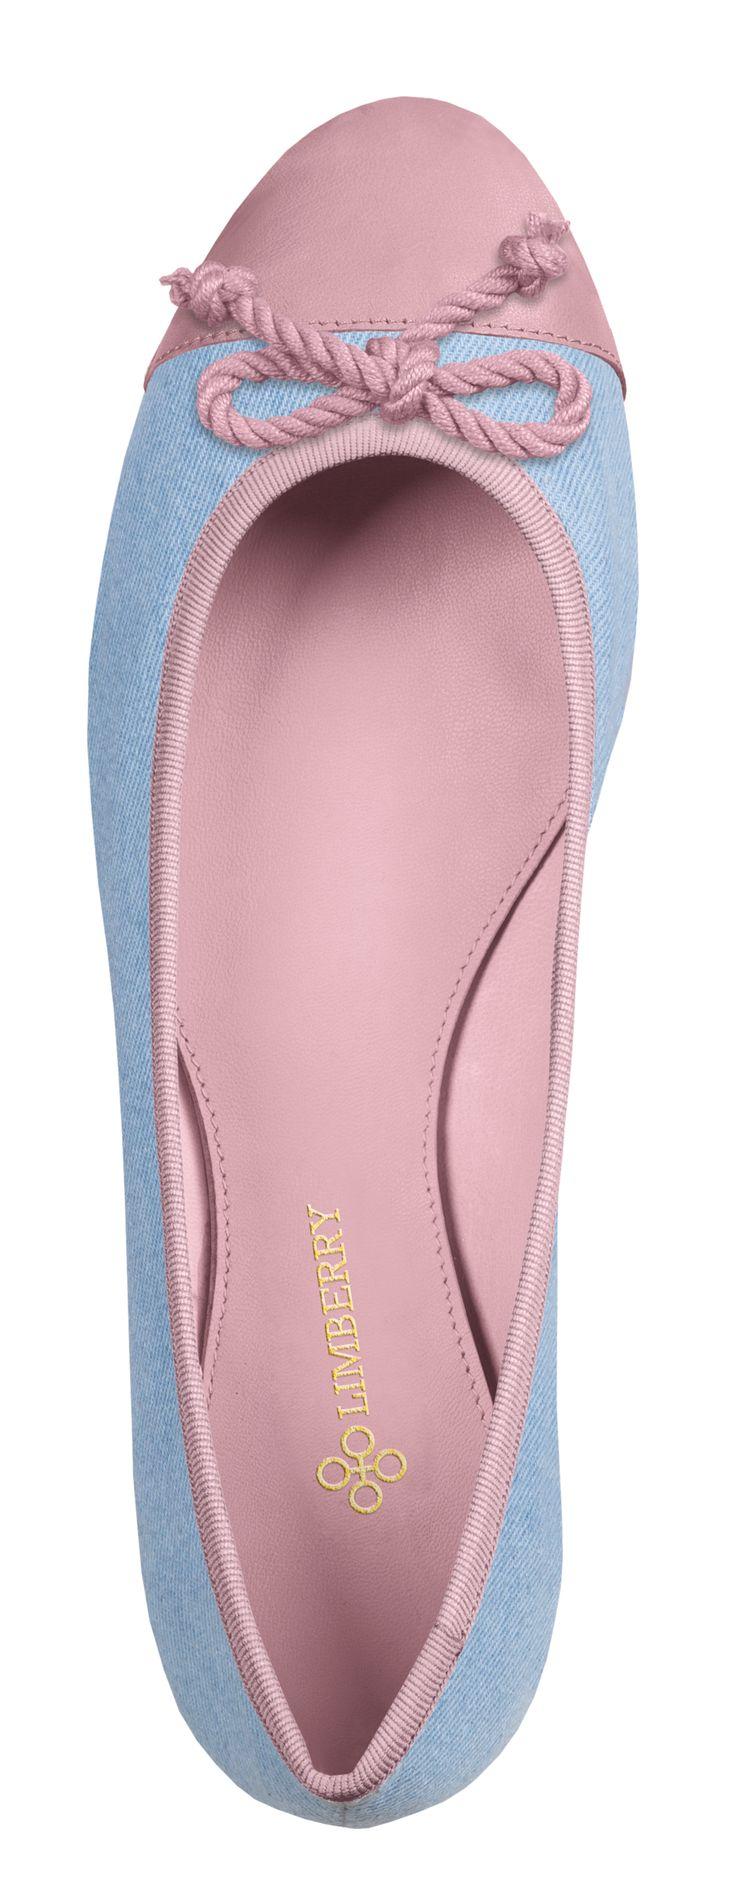 Carrie Ballerina aus Jeans mit Wildlederkappe in Rosa kombiniert . Passend zu Luna Largo Lily Super Slim Powerdenim in Marine . Lipödem Lymphödem Outfit Plus Size Mode